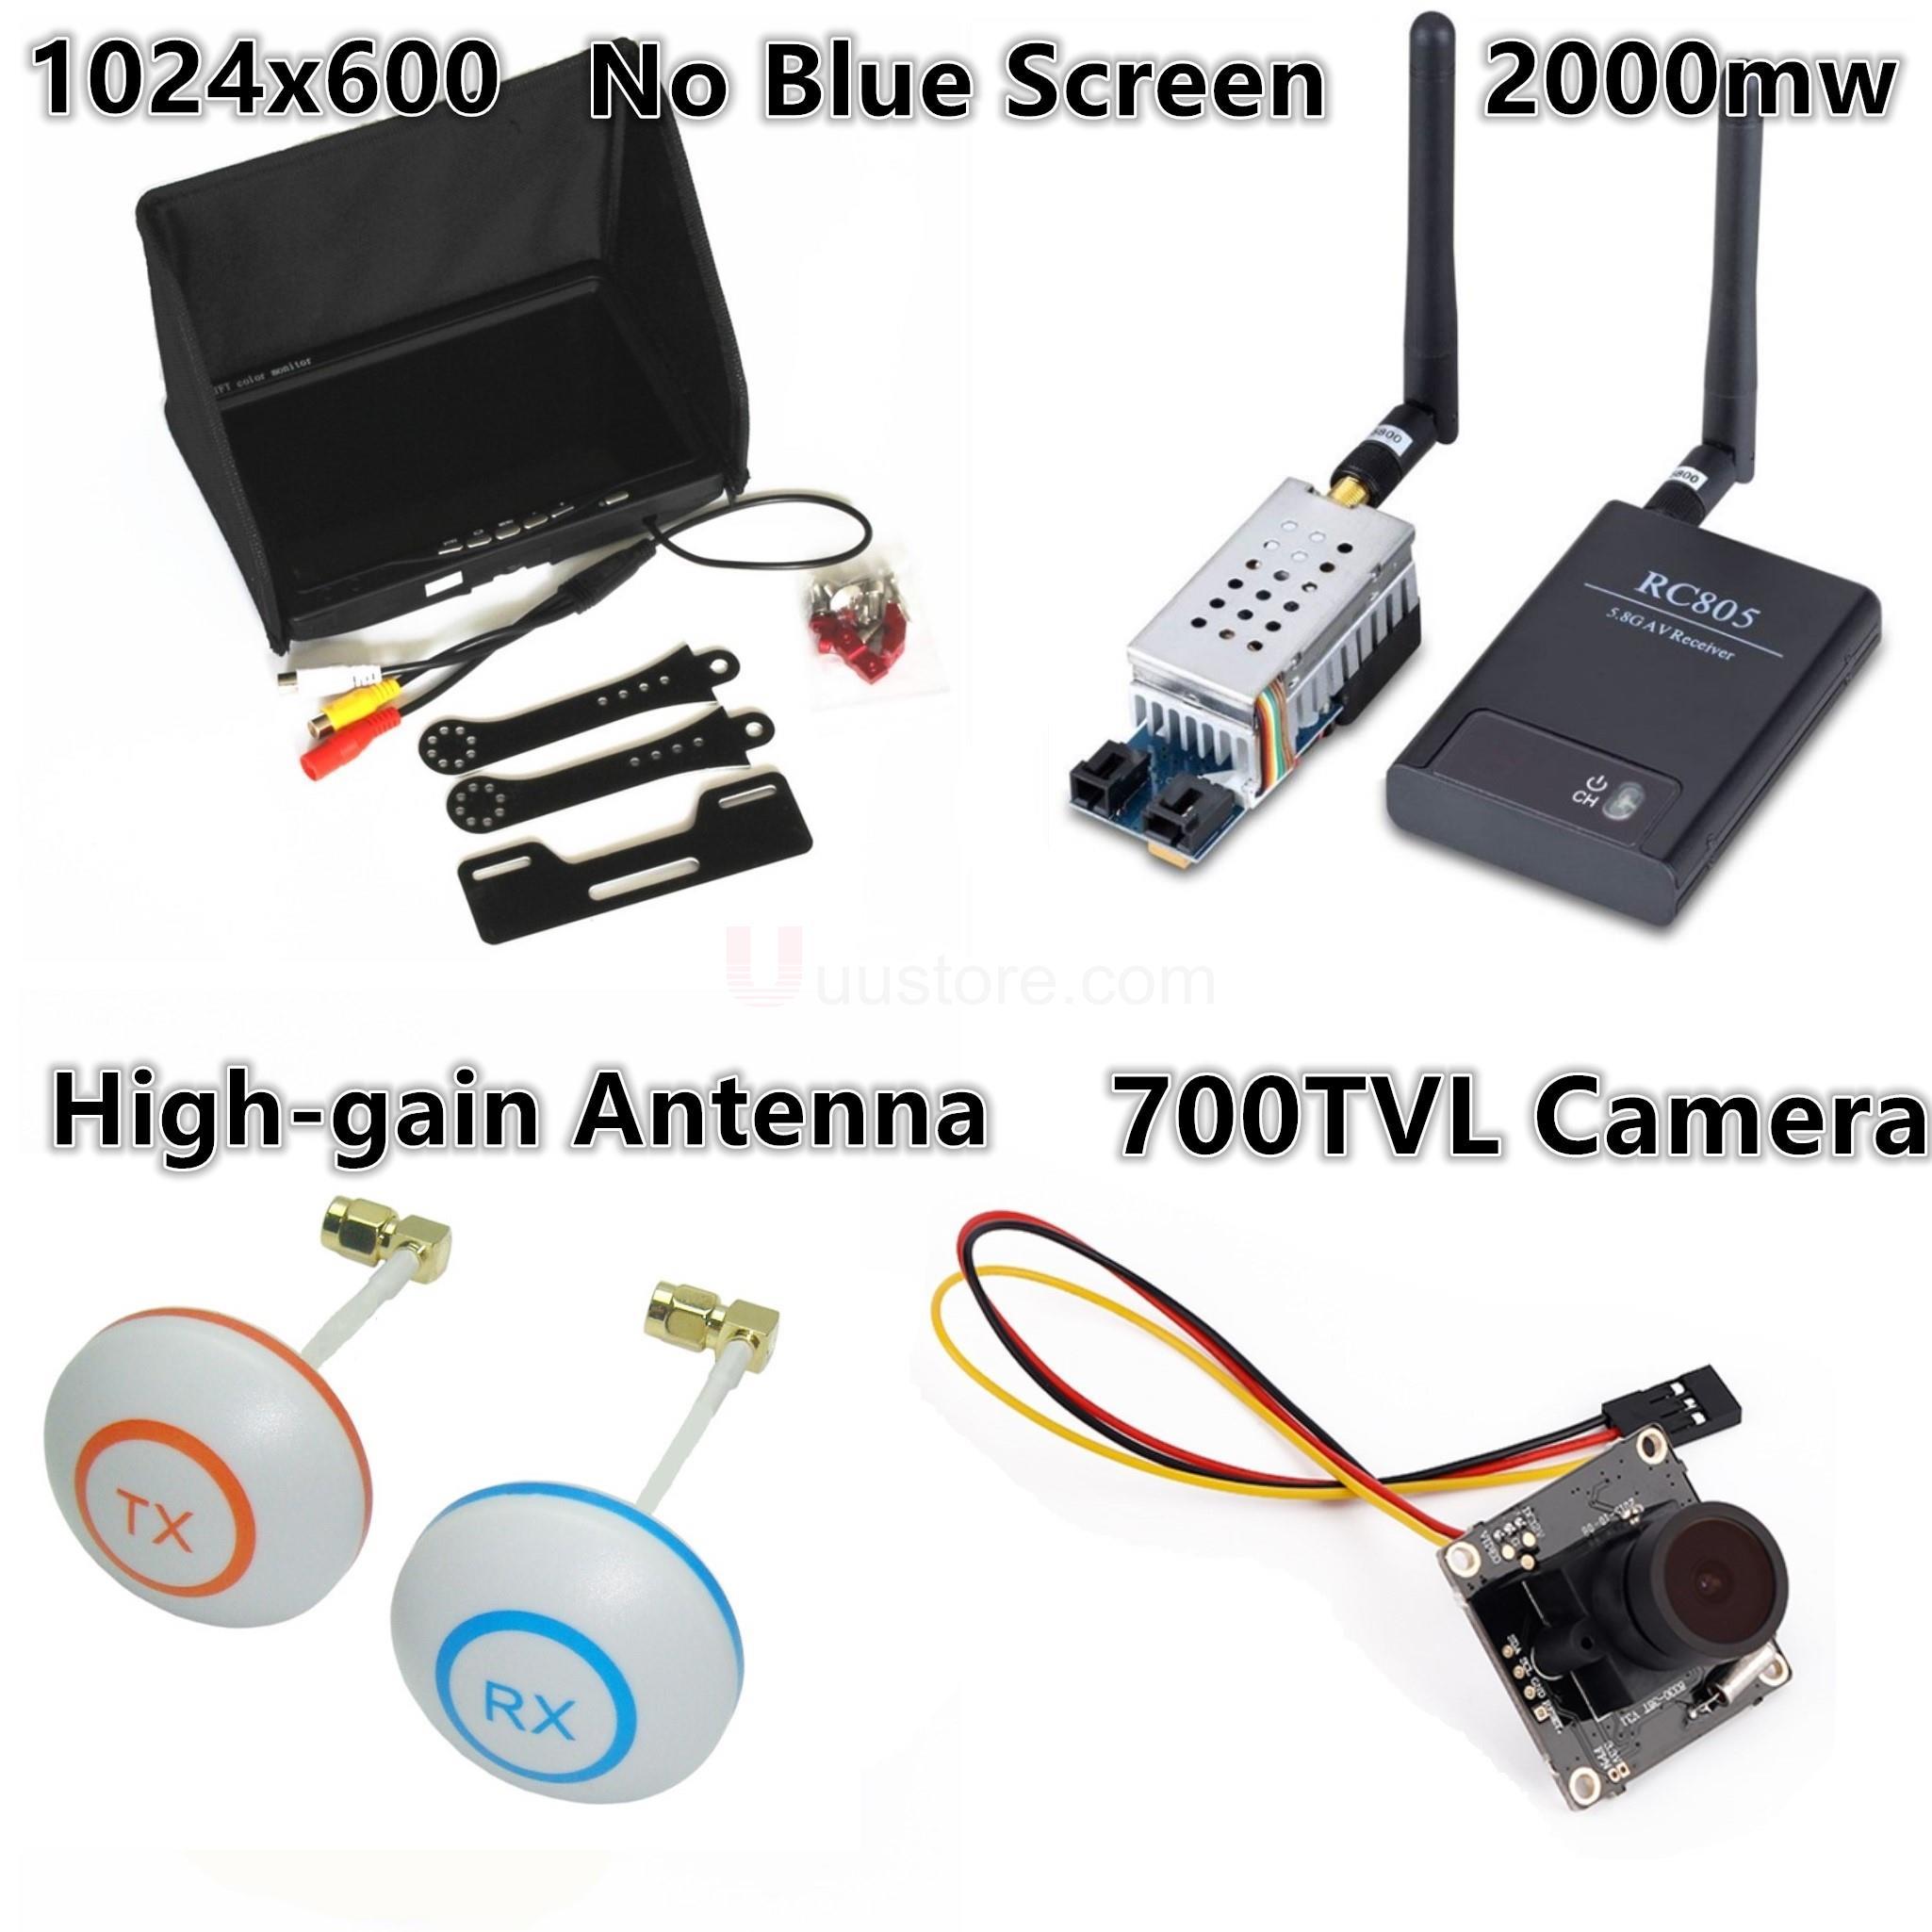 FPV Boscam Combo Système 5.8 Ghz 5.8g 2000 mw Émetteur TS582000 TX RC805 Récepteur RX 1024x600 Moniteur 700TVL Caméra Pour Drone